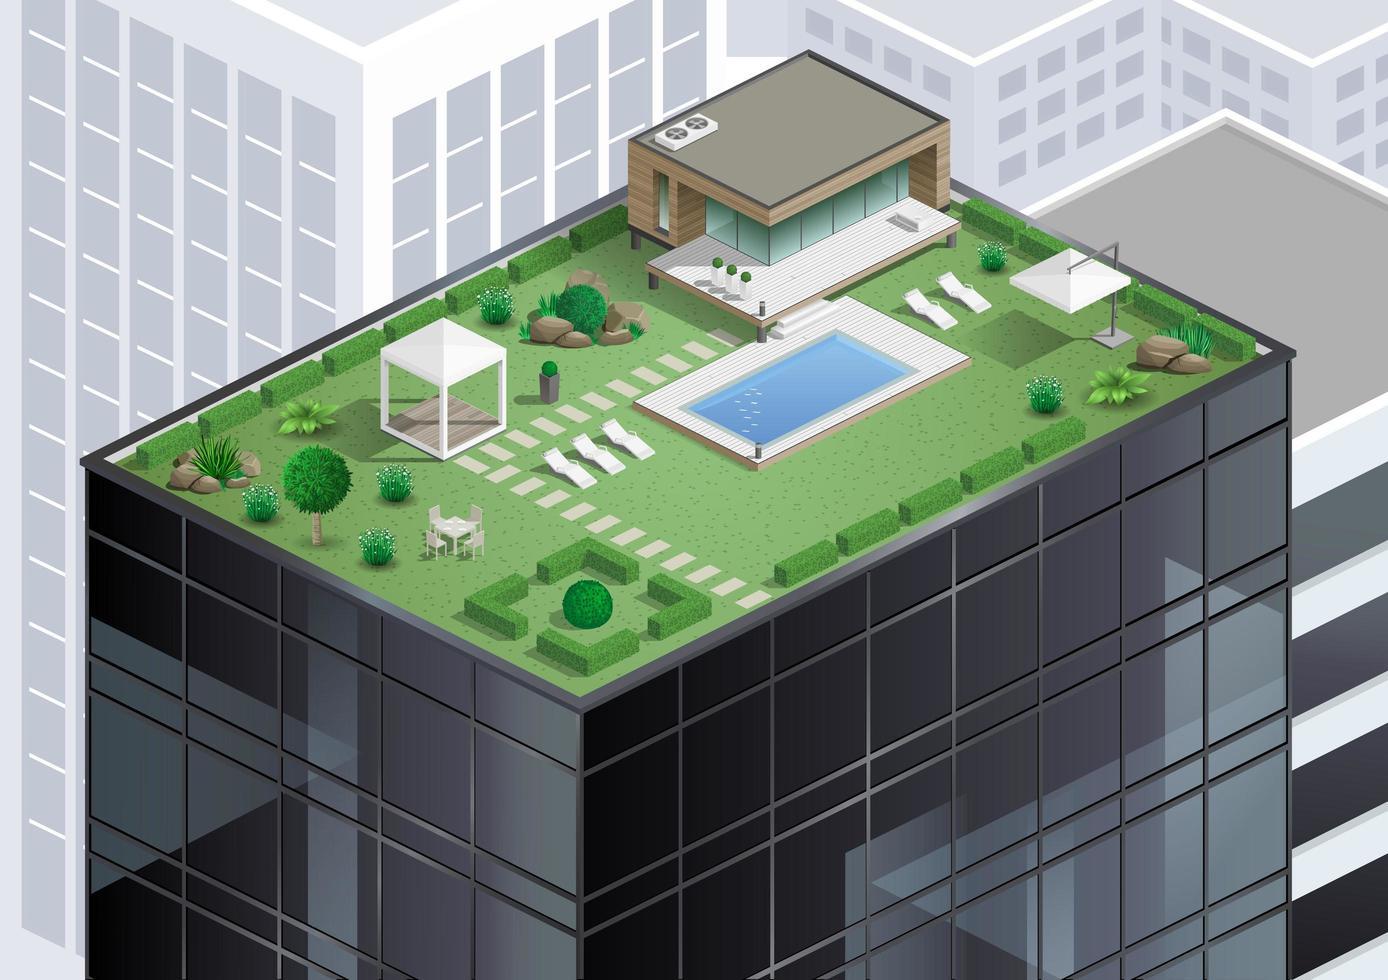 stuga på taket av skyskrapa vektor